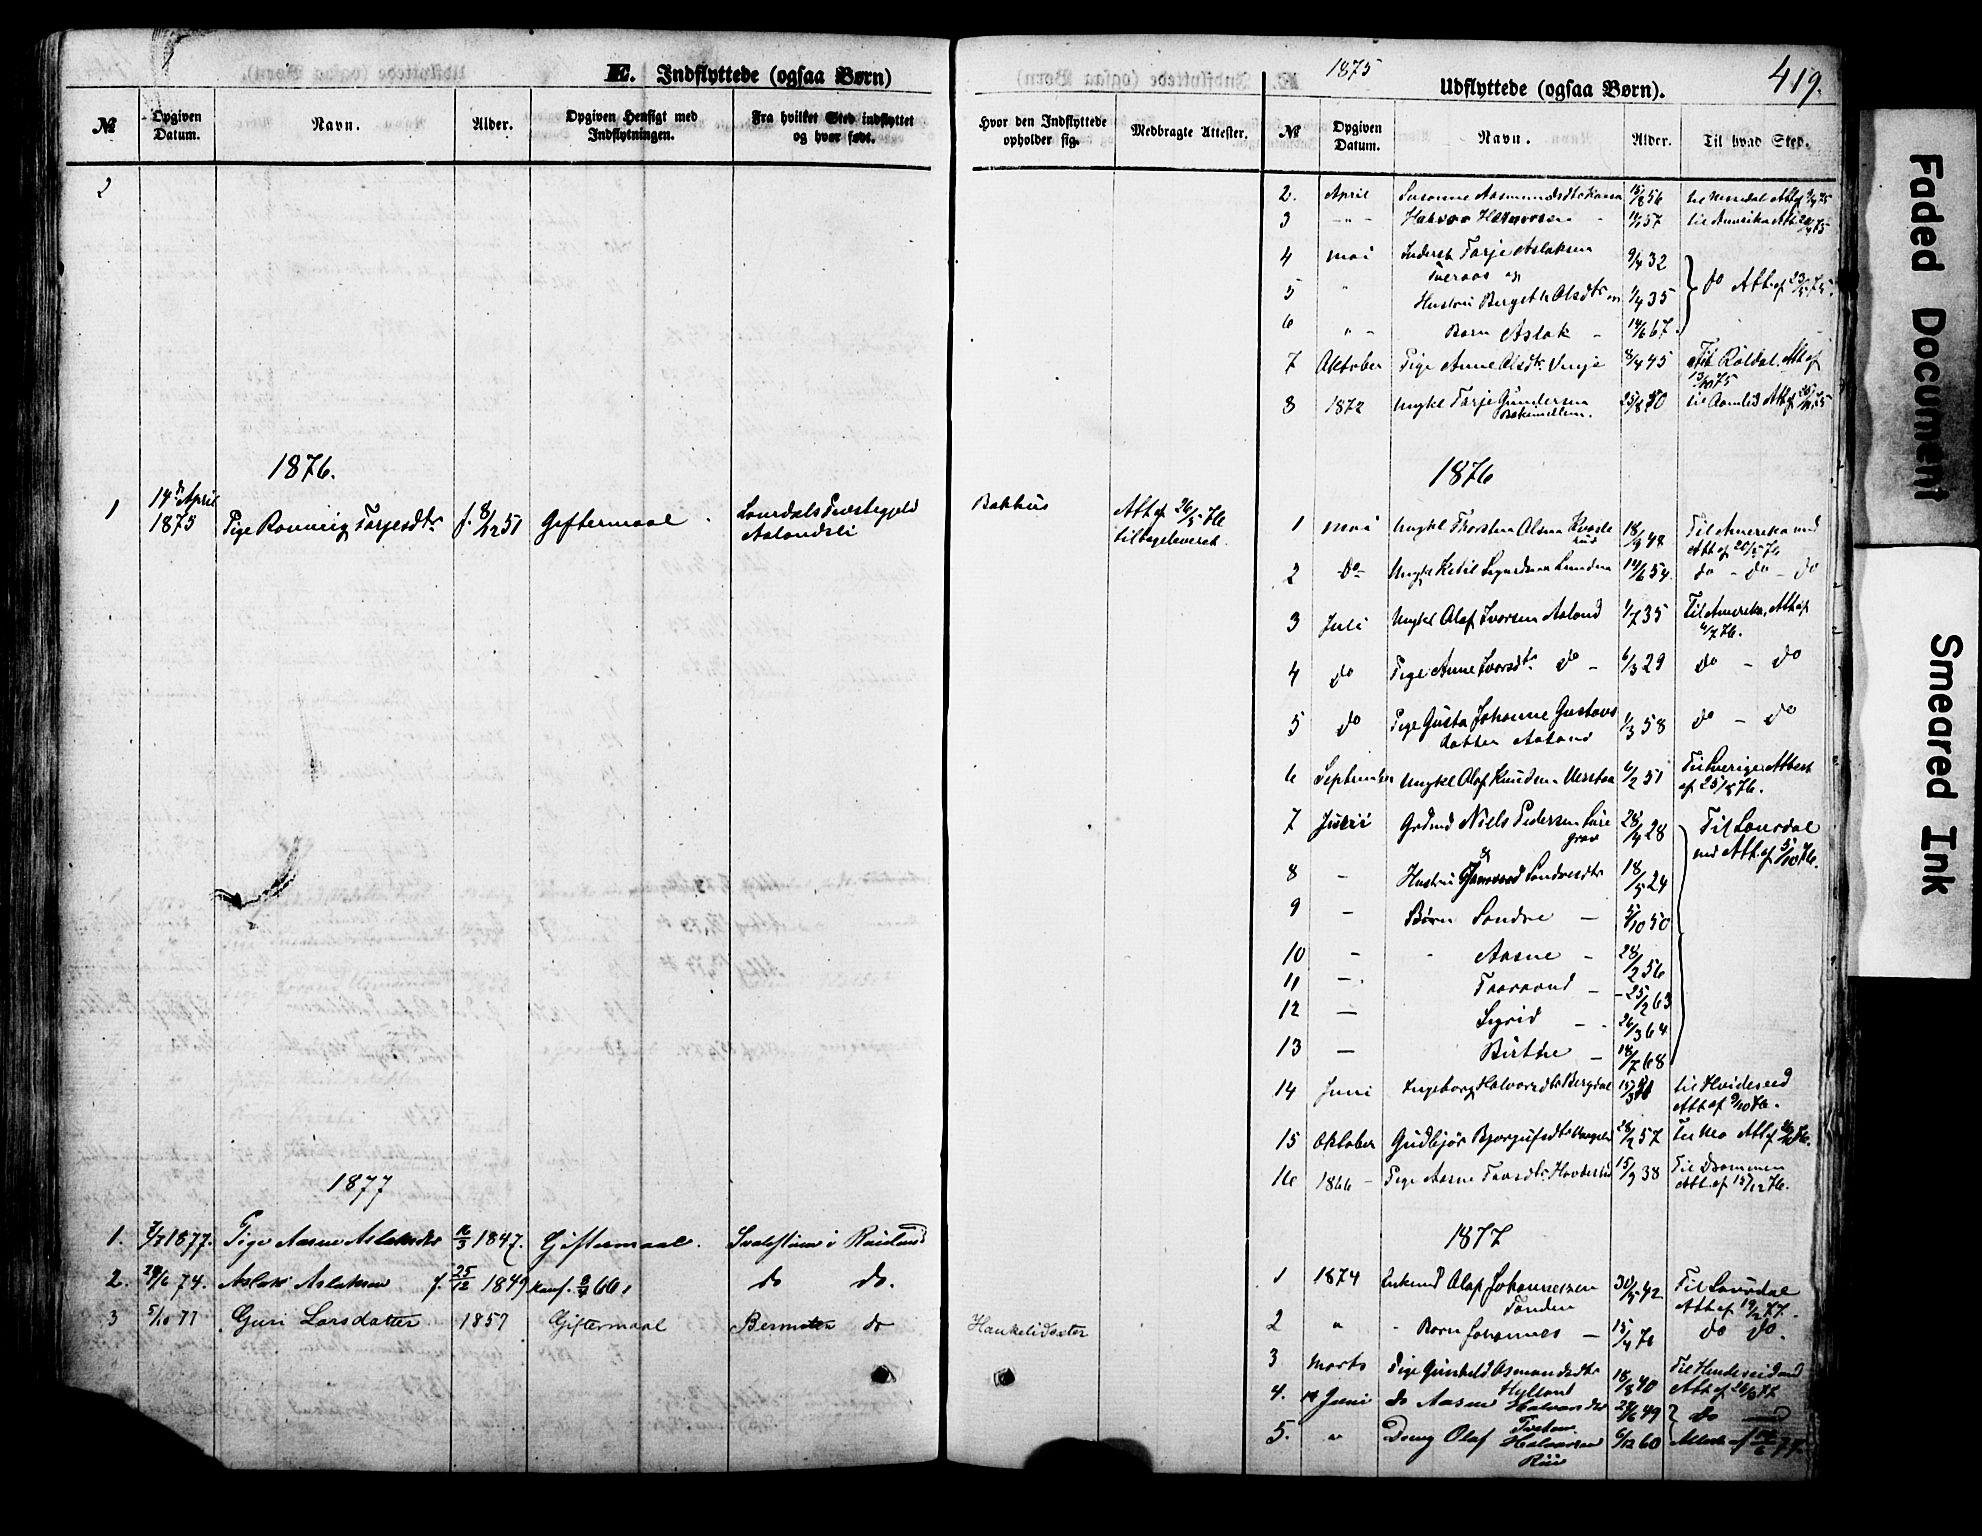 SAKO, Vinje kirkebøker, F/Fa/L0005: Ministerialbok nr. I 5, 1870-1886, s. 419